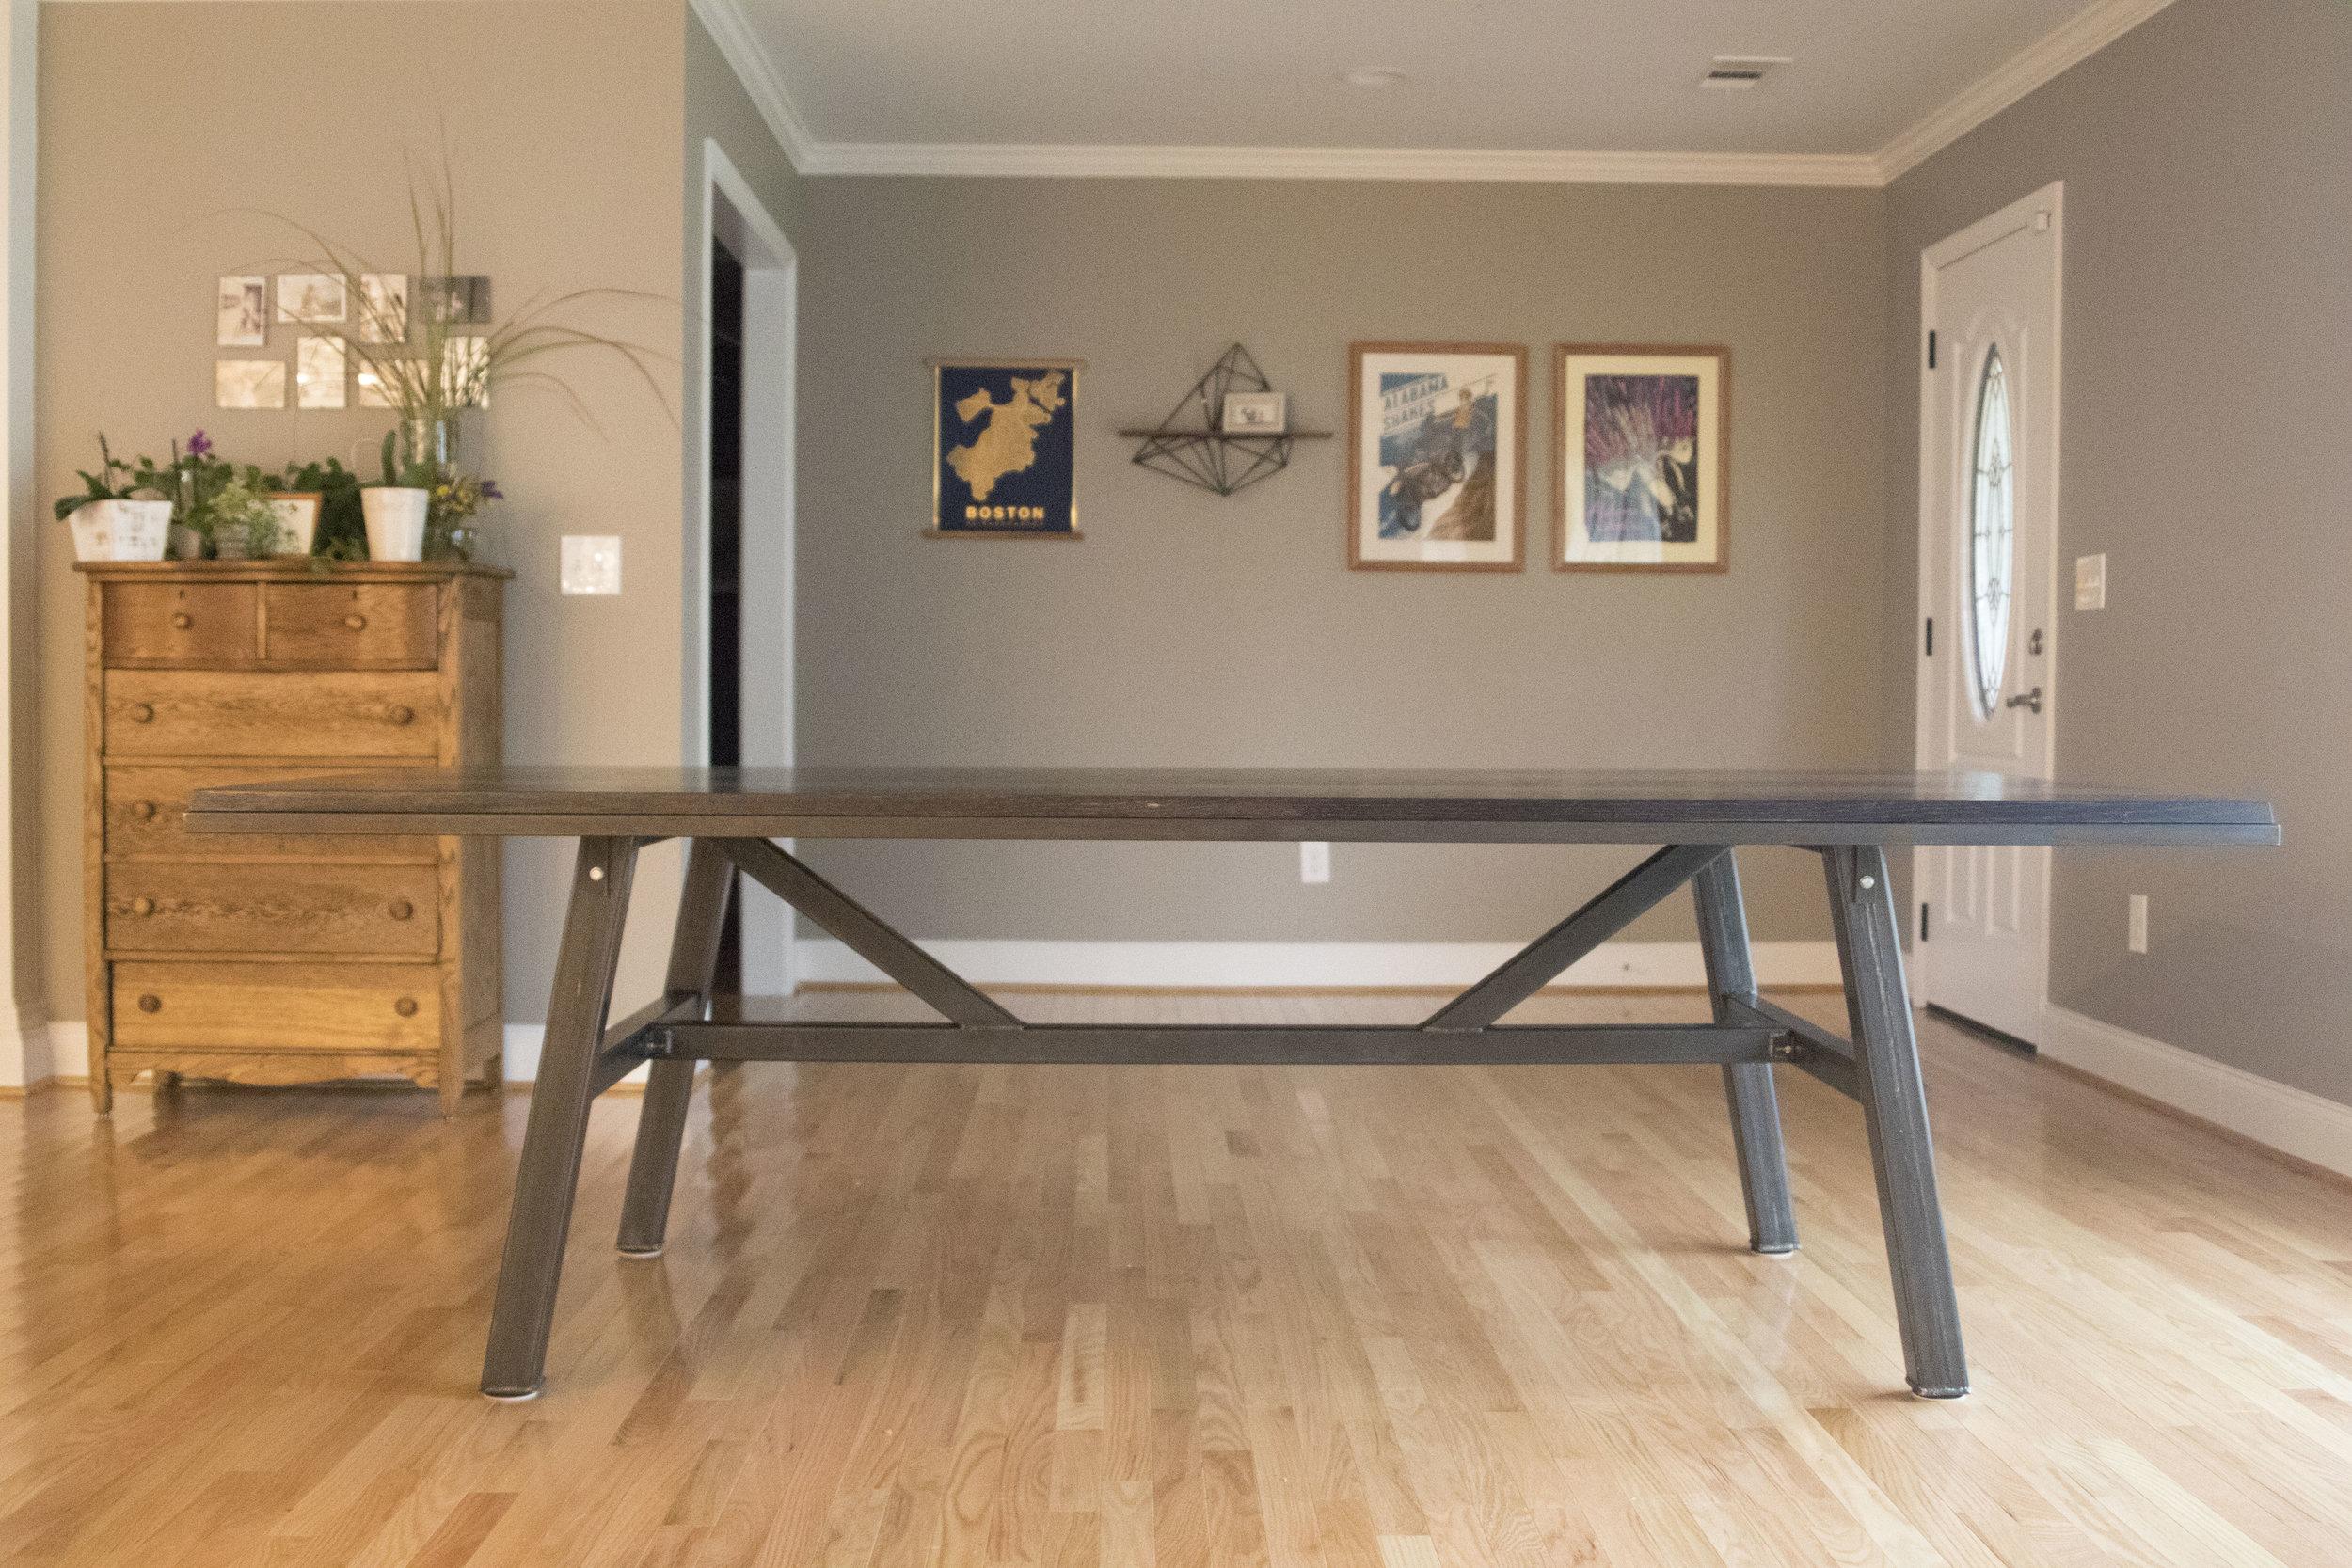 Ebonized Oak and Steel Modern Farm Table copy.jpg